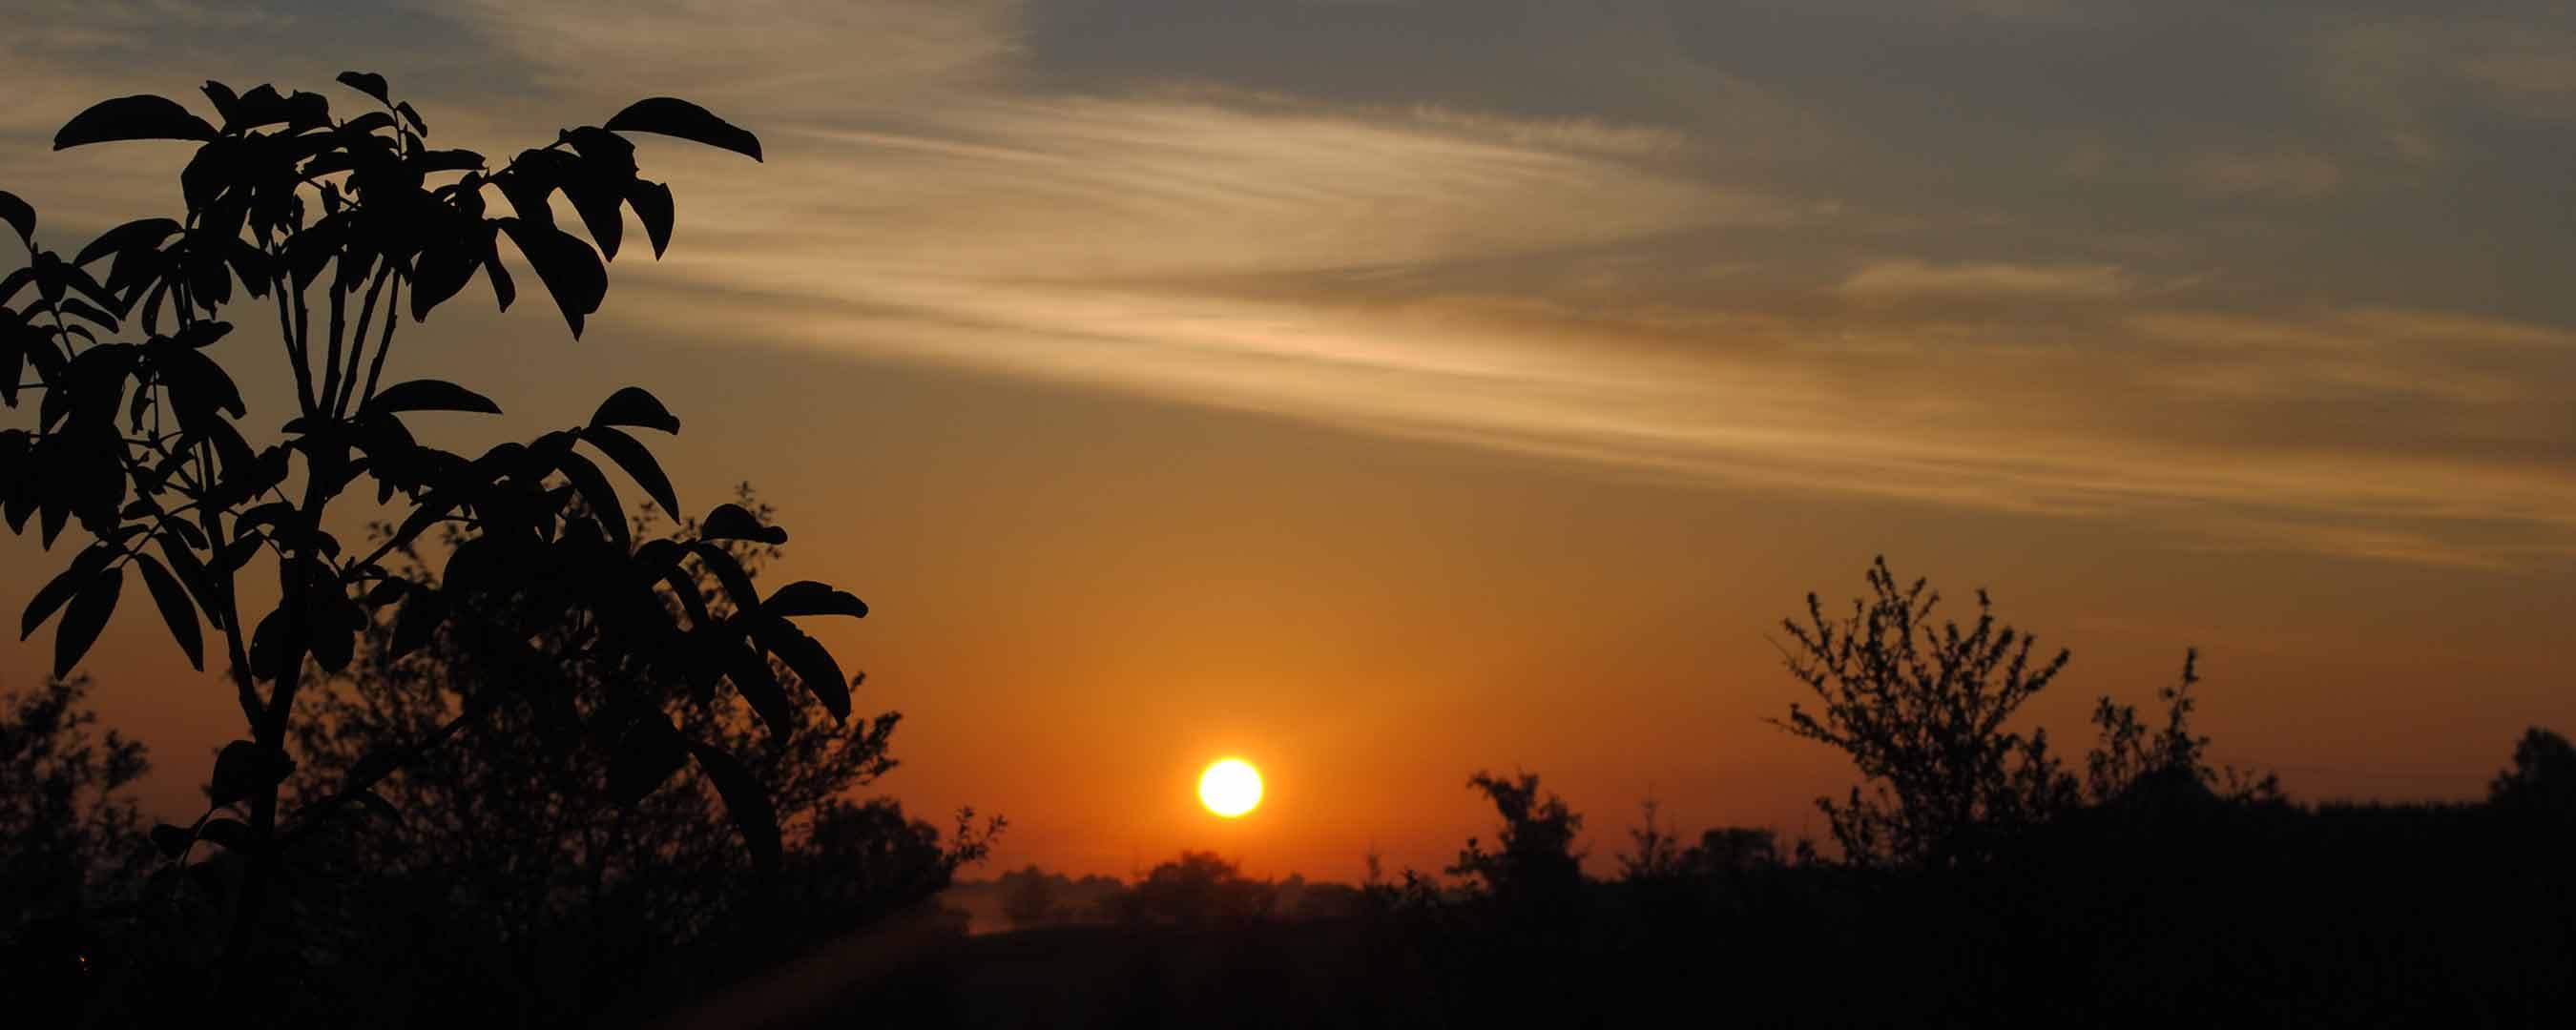 contact informatie - camping-zonsondergang-2700